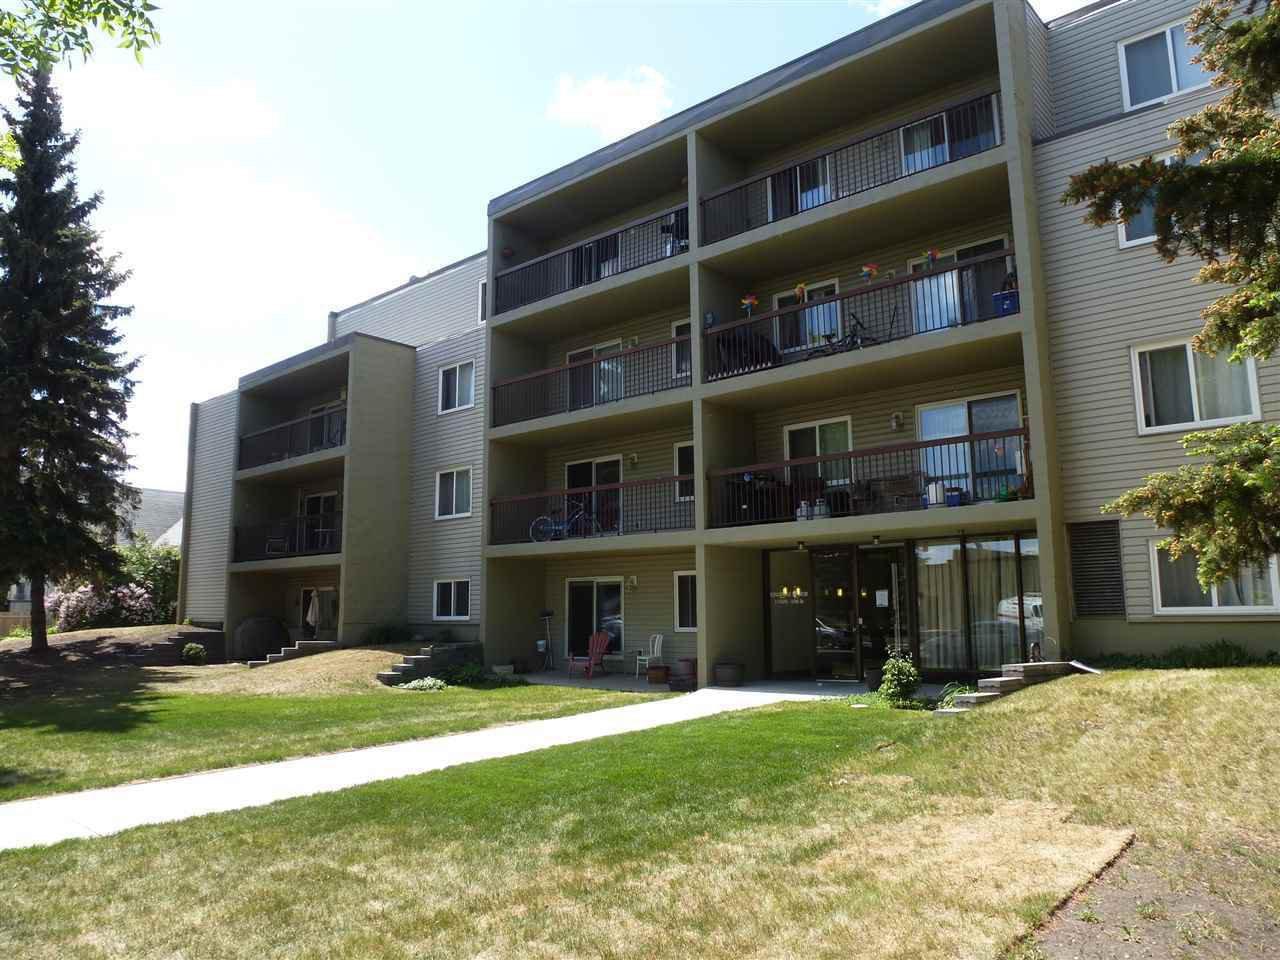 Main Photo: 307 11026 106 Street in Edmonton: Zone 08 Condo for sale : MLS®# E4145809